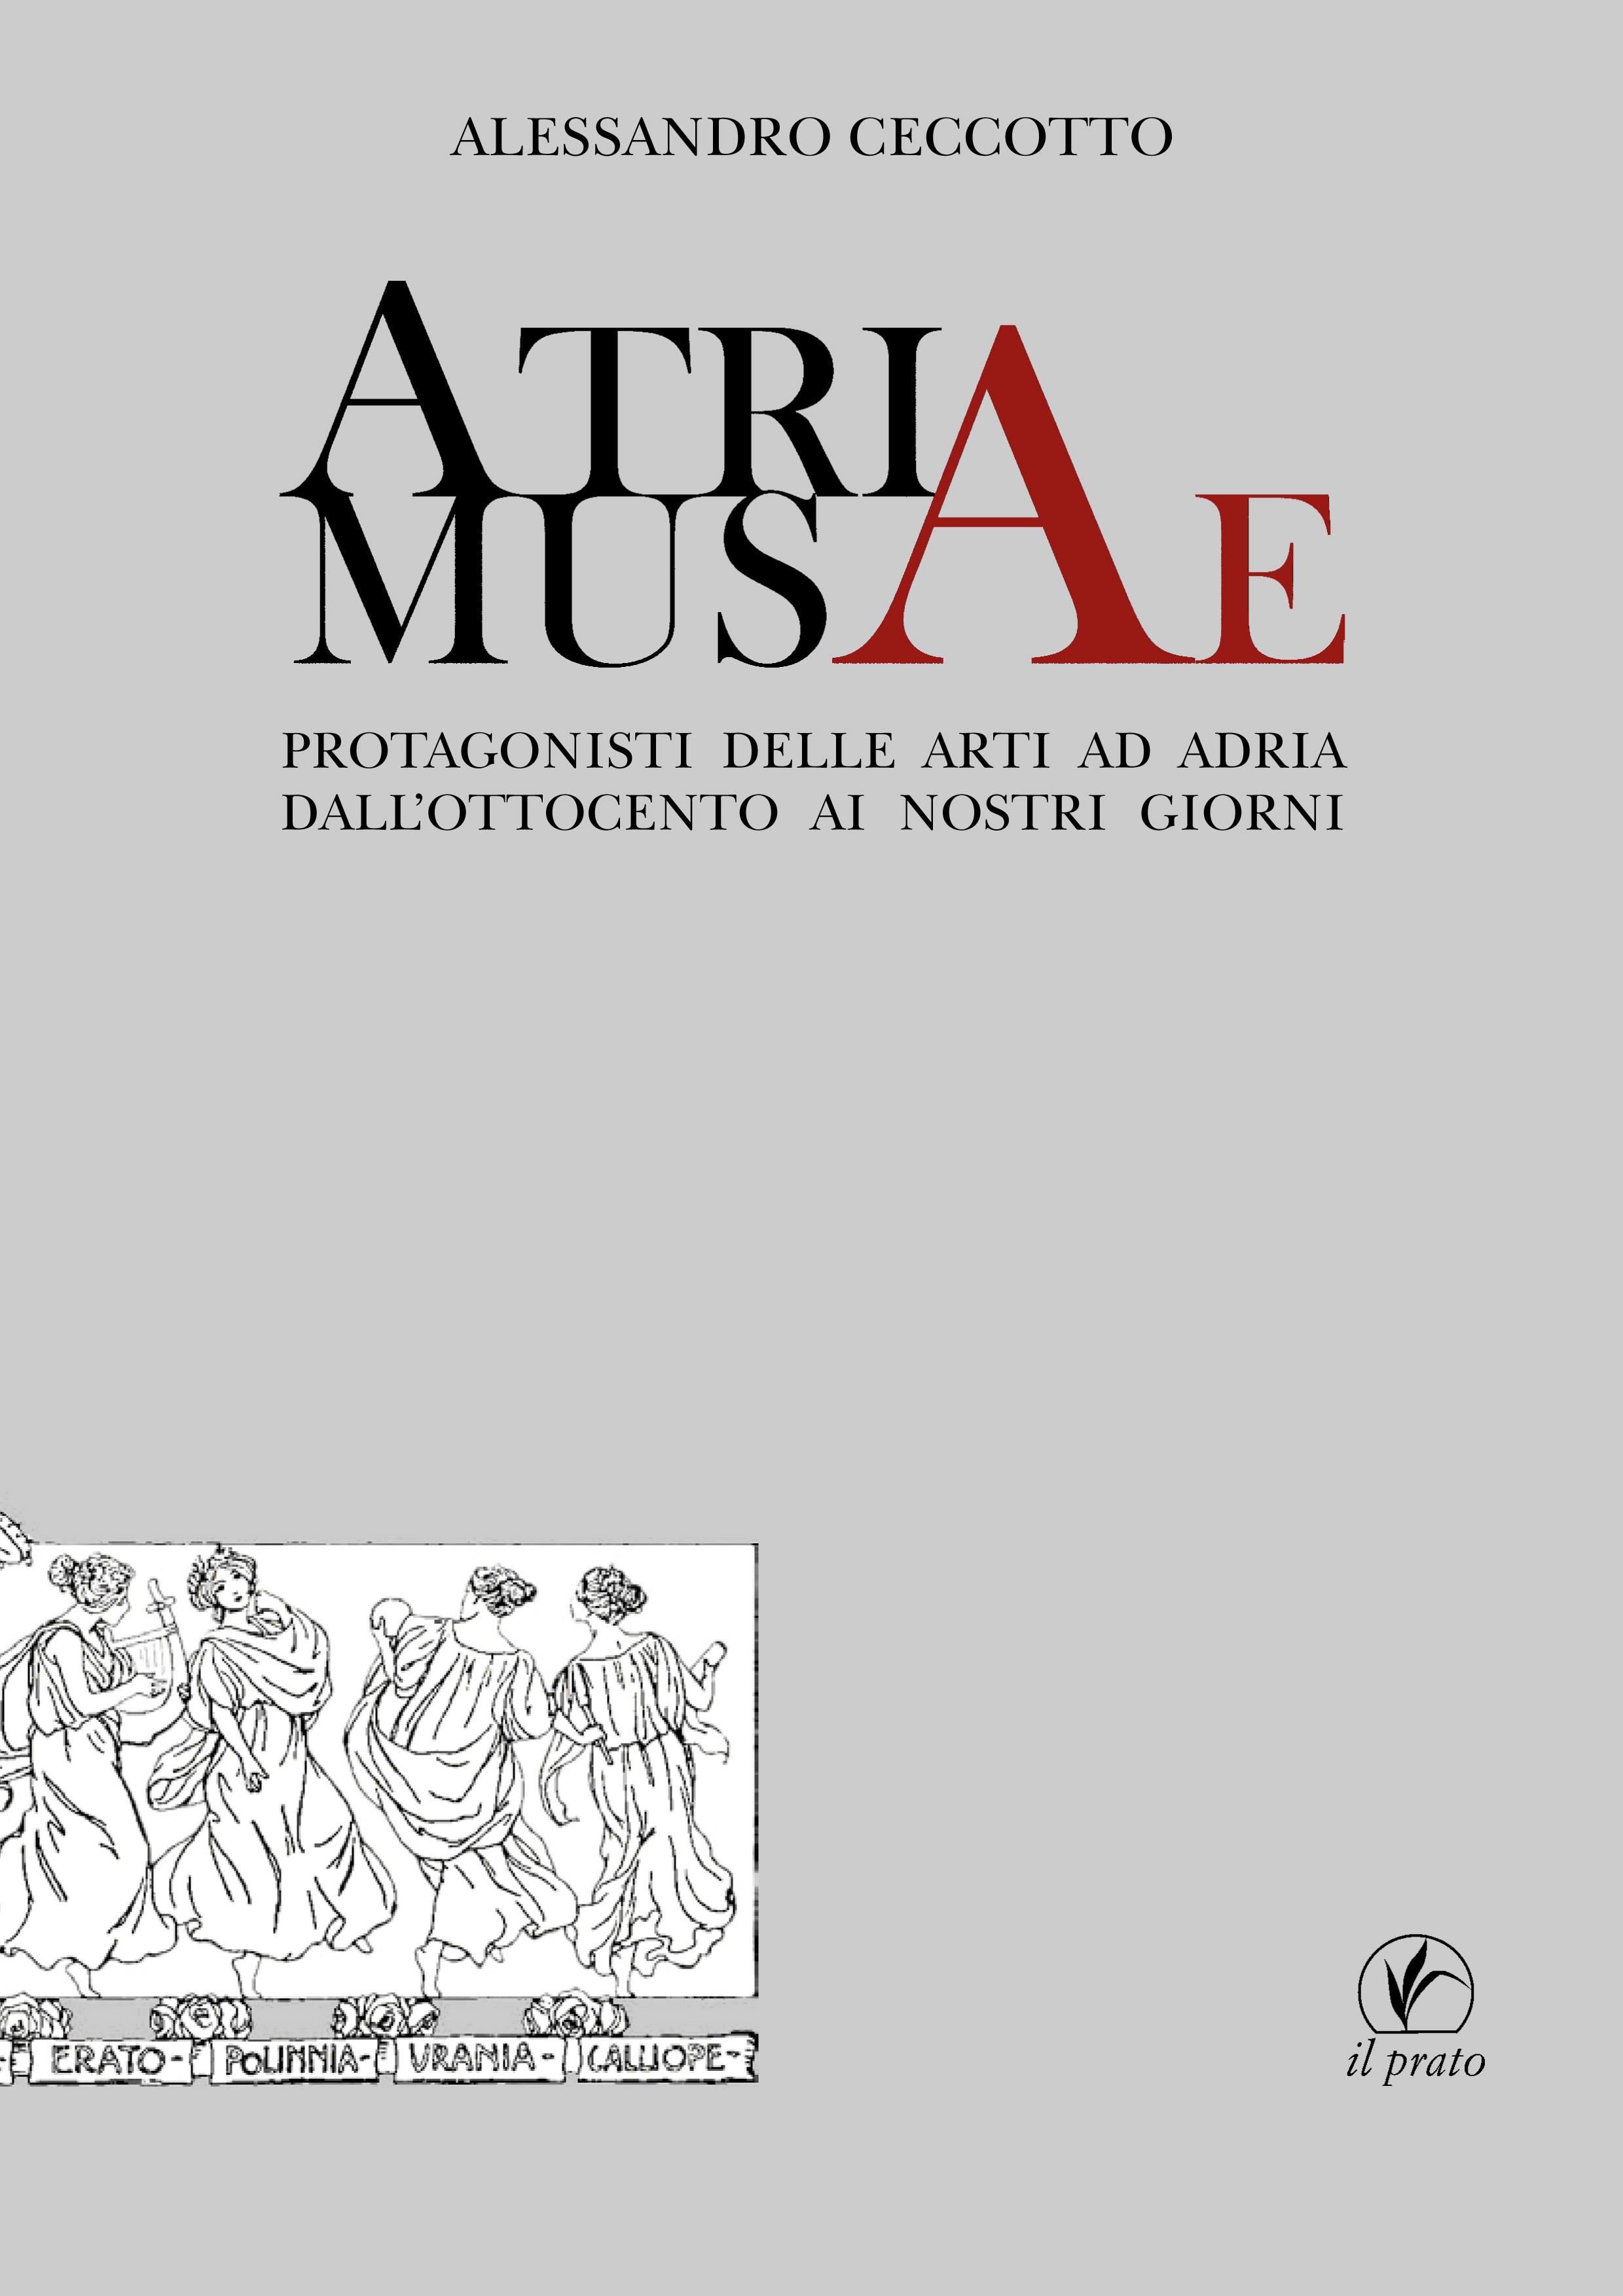 Atriae Musae